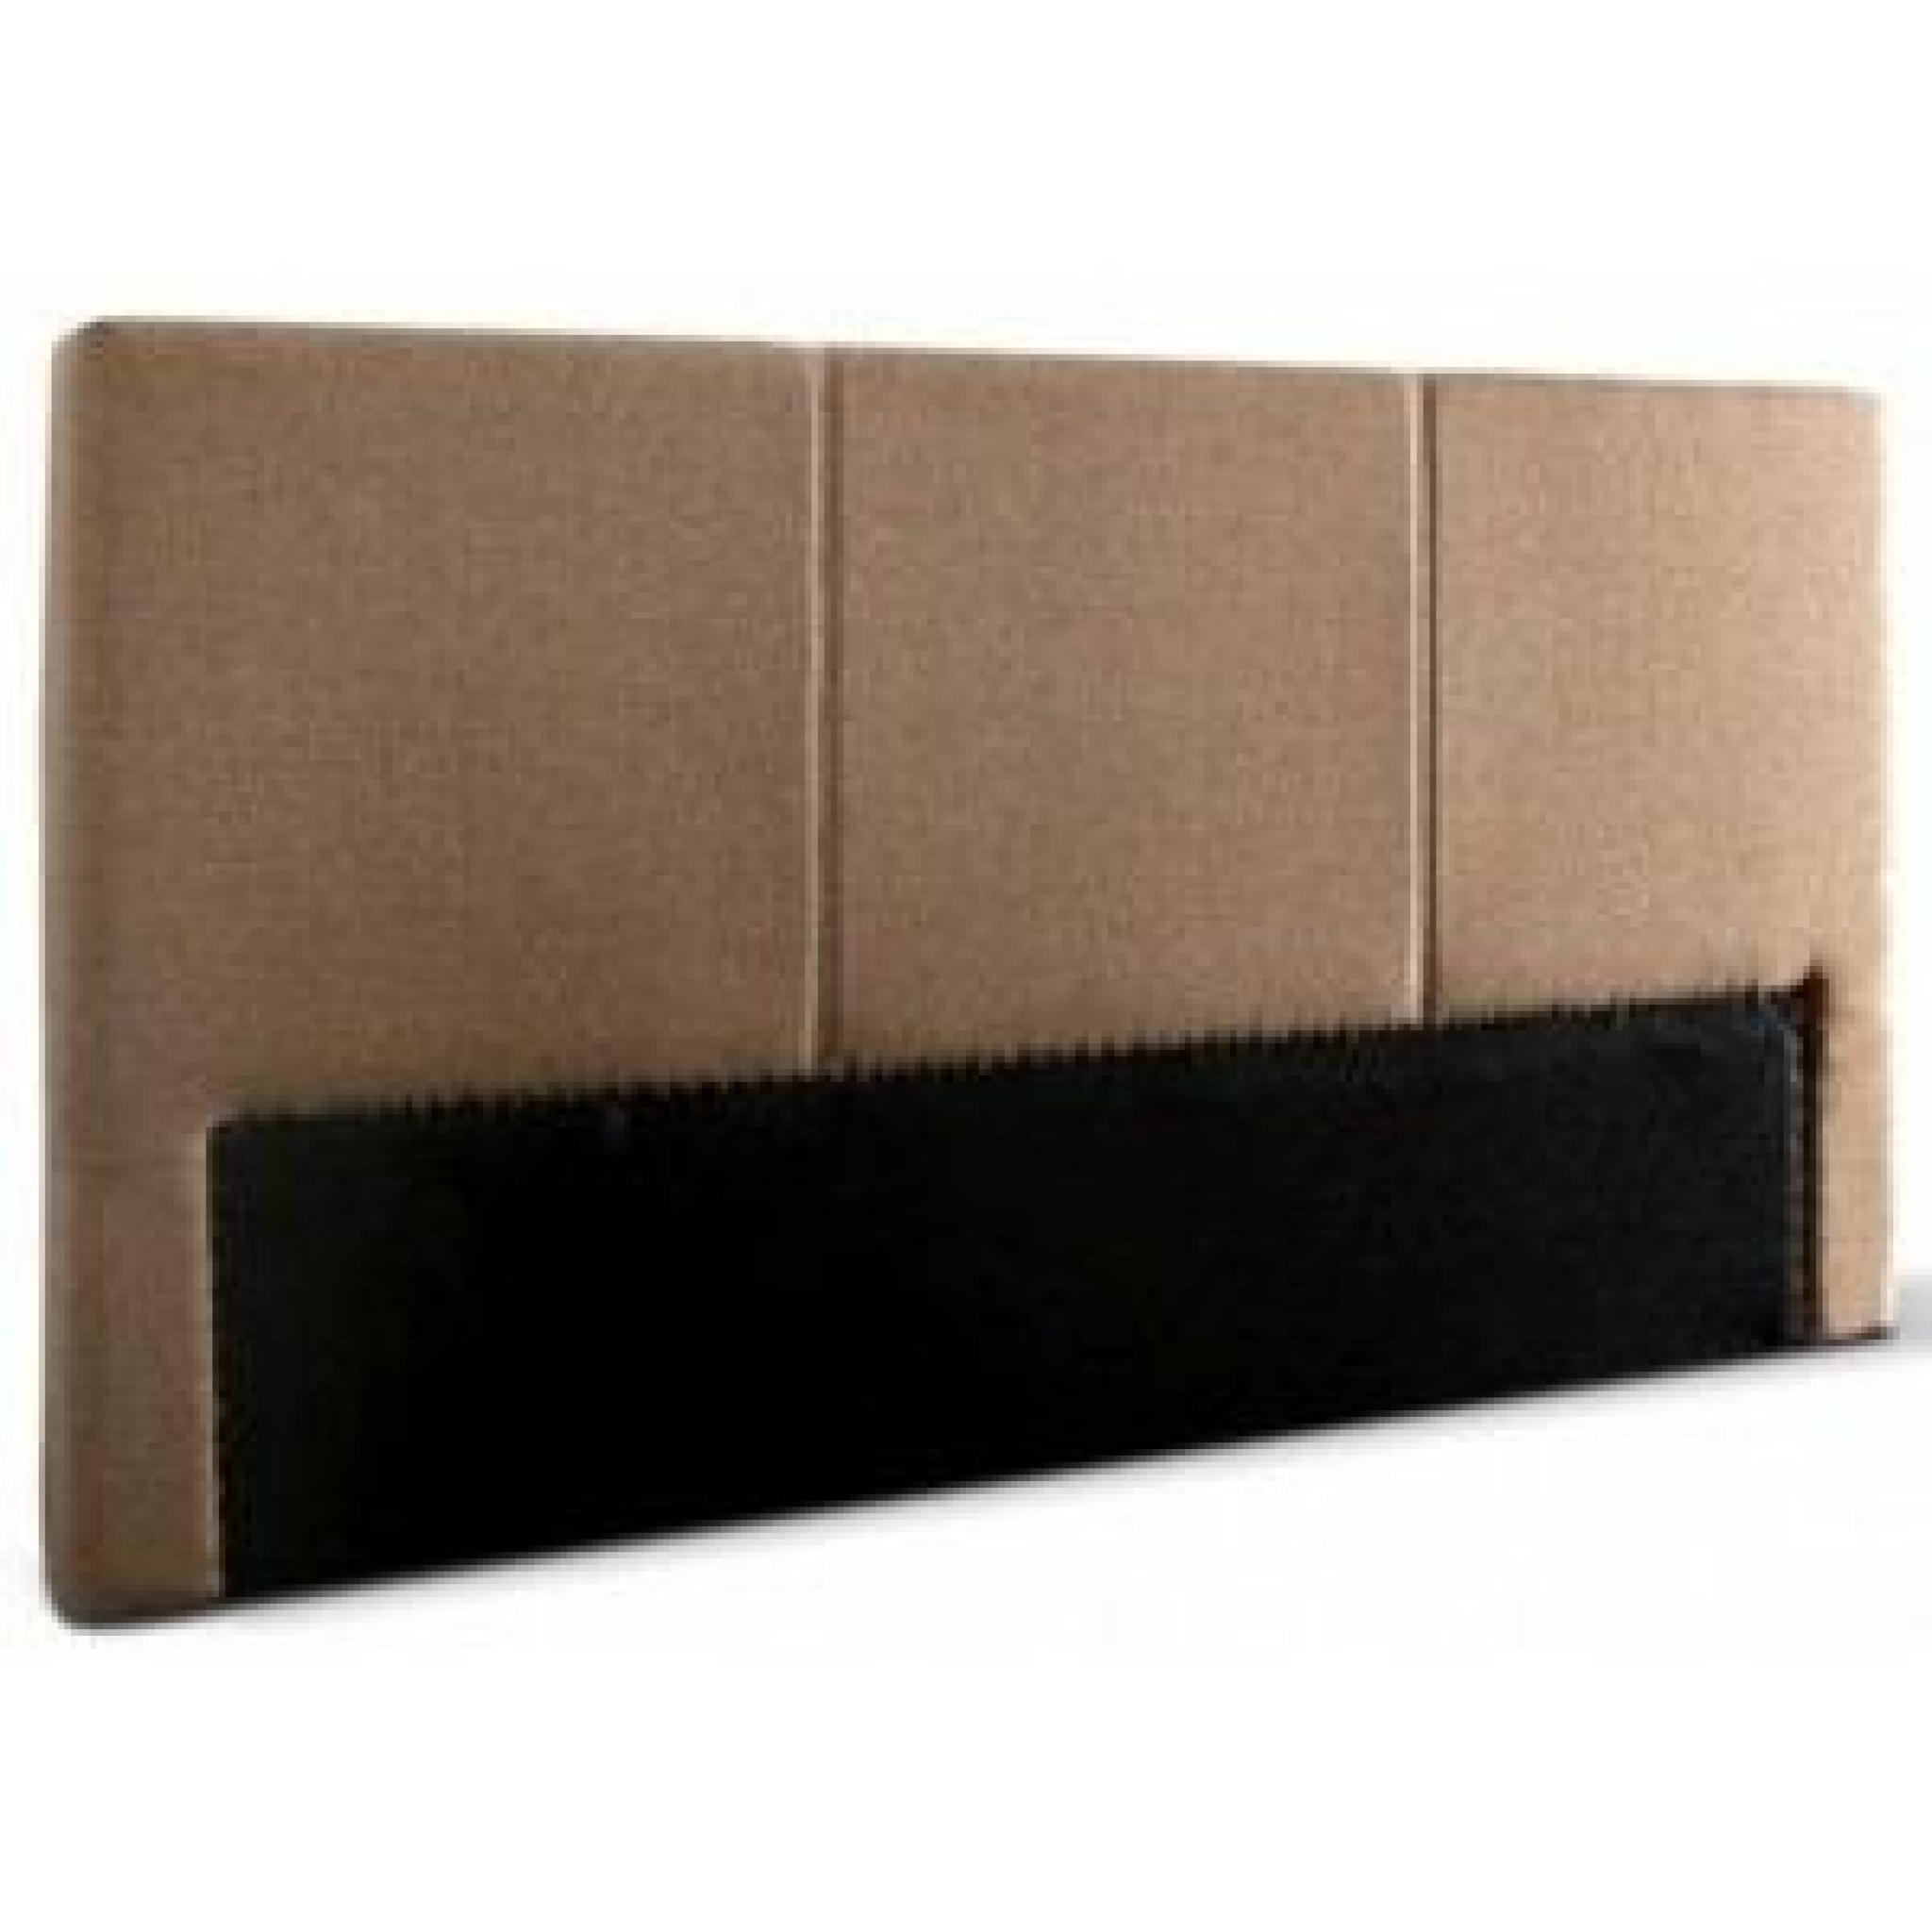 t te de lit victoire tailles pour lit 90x190cm achat vente tete de lit pas cher couleur et. Black Bedroom Furniture Sets. Home Design Ideas